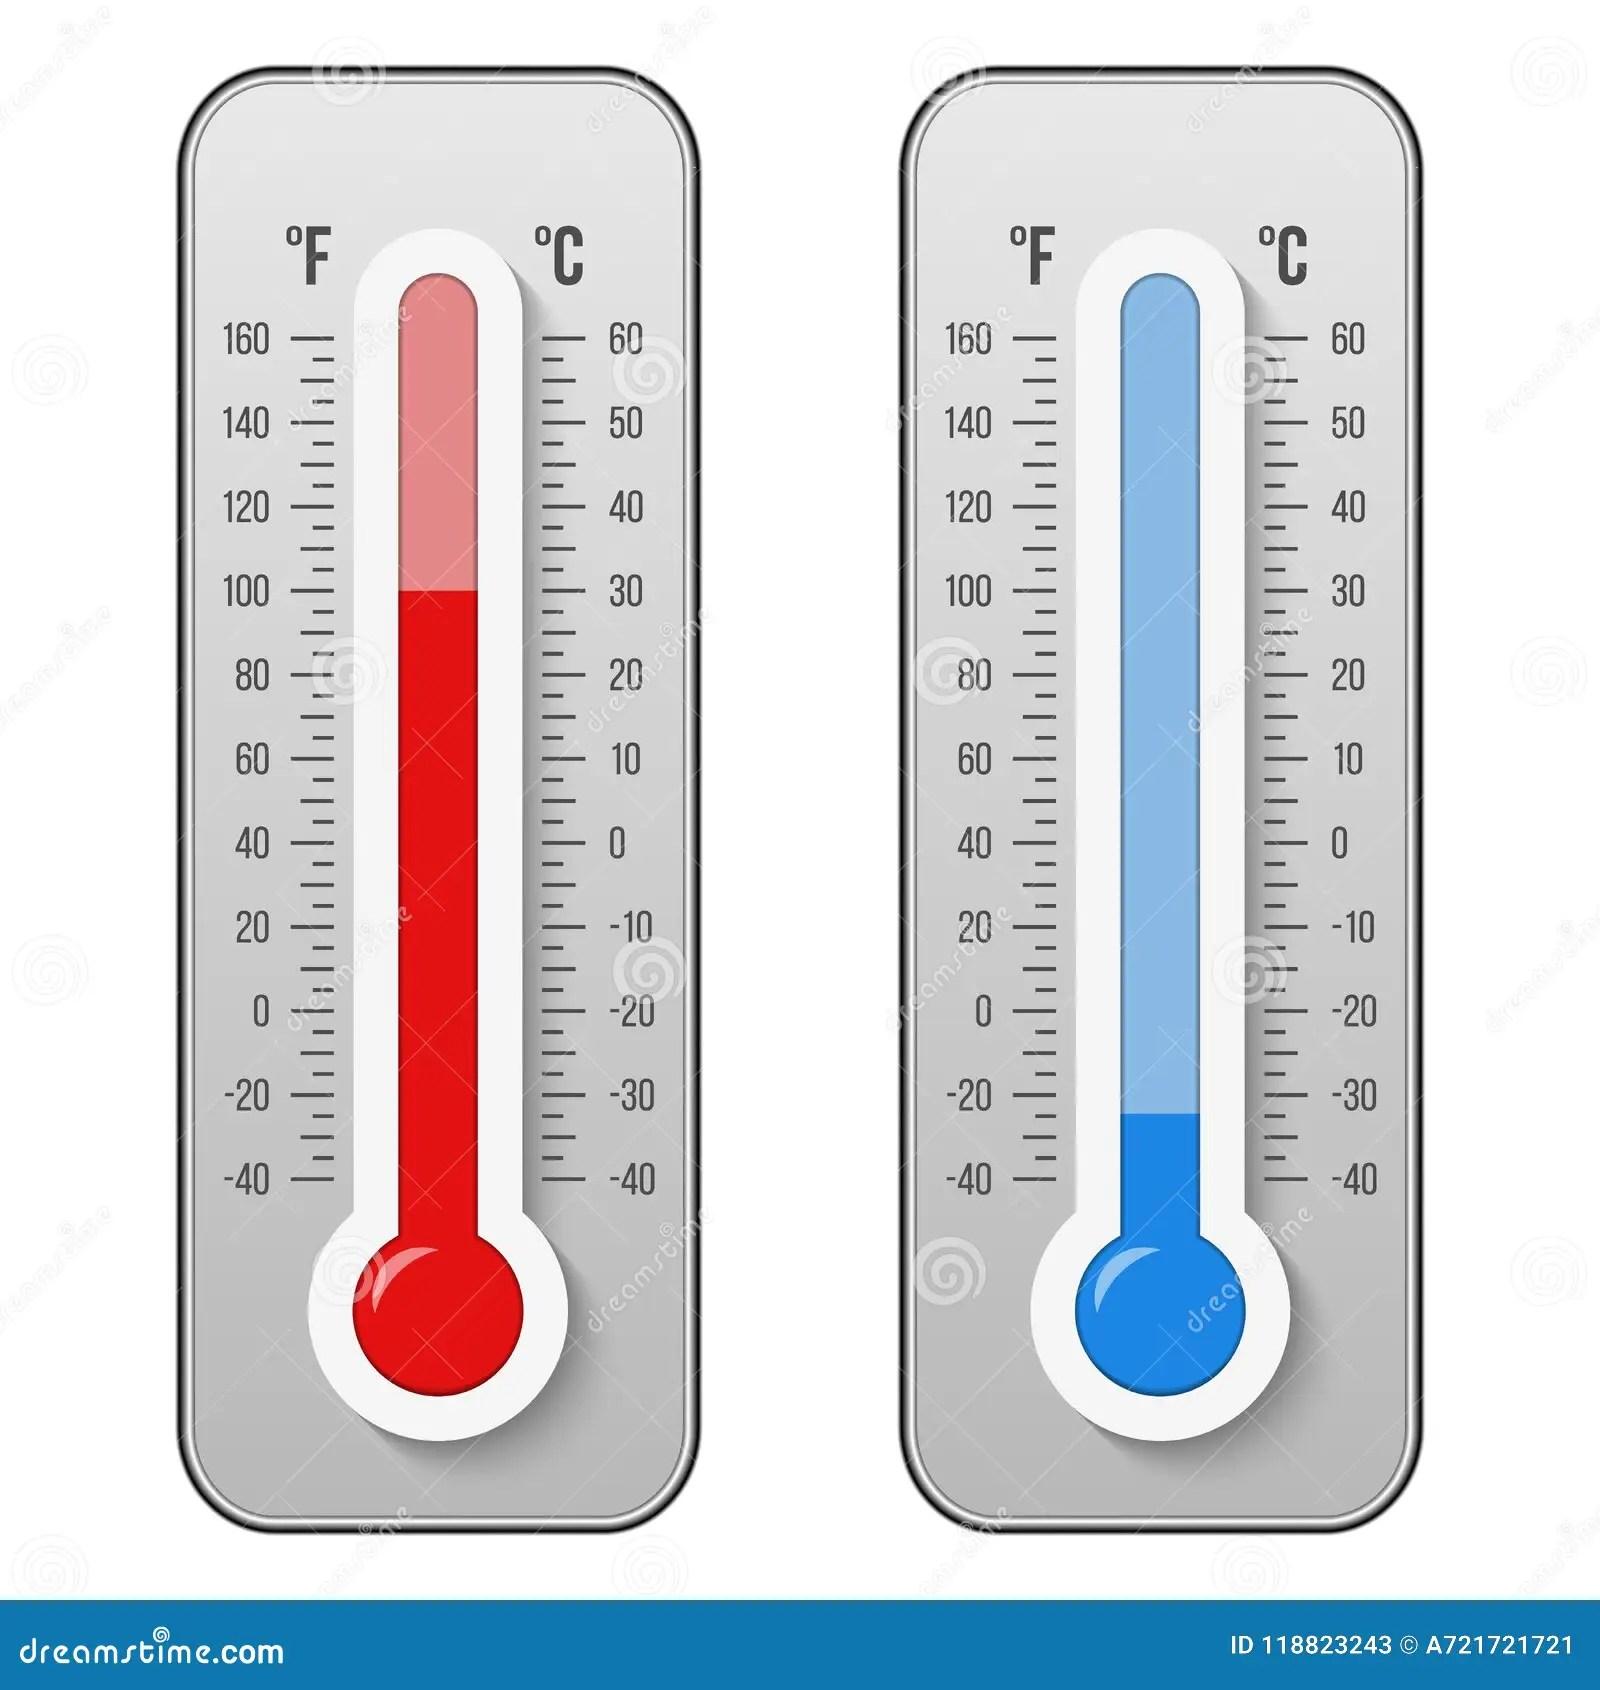 Creative Vector Illustration Of Celsius Fahrenheit